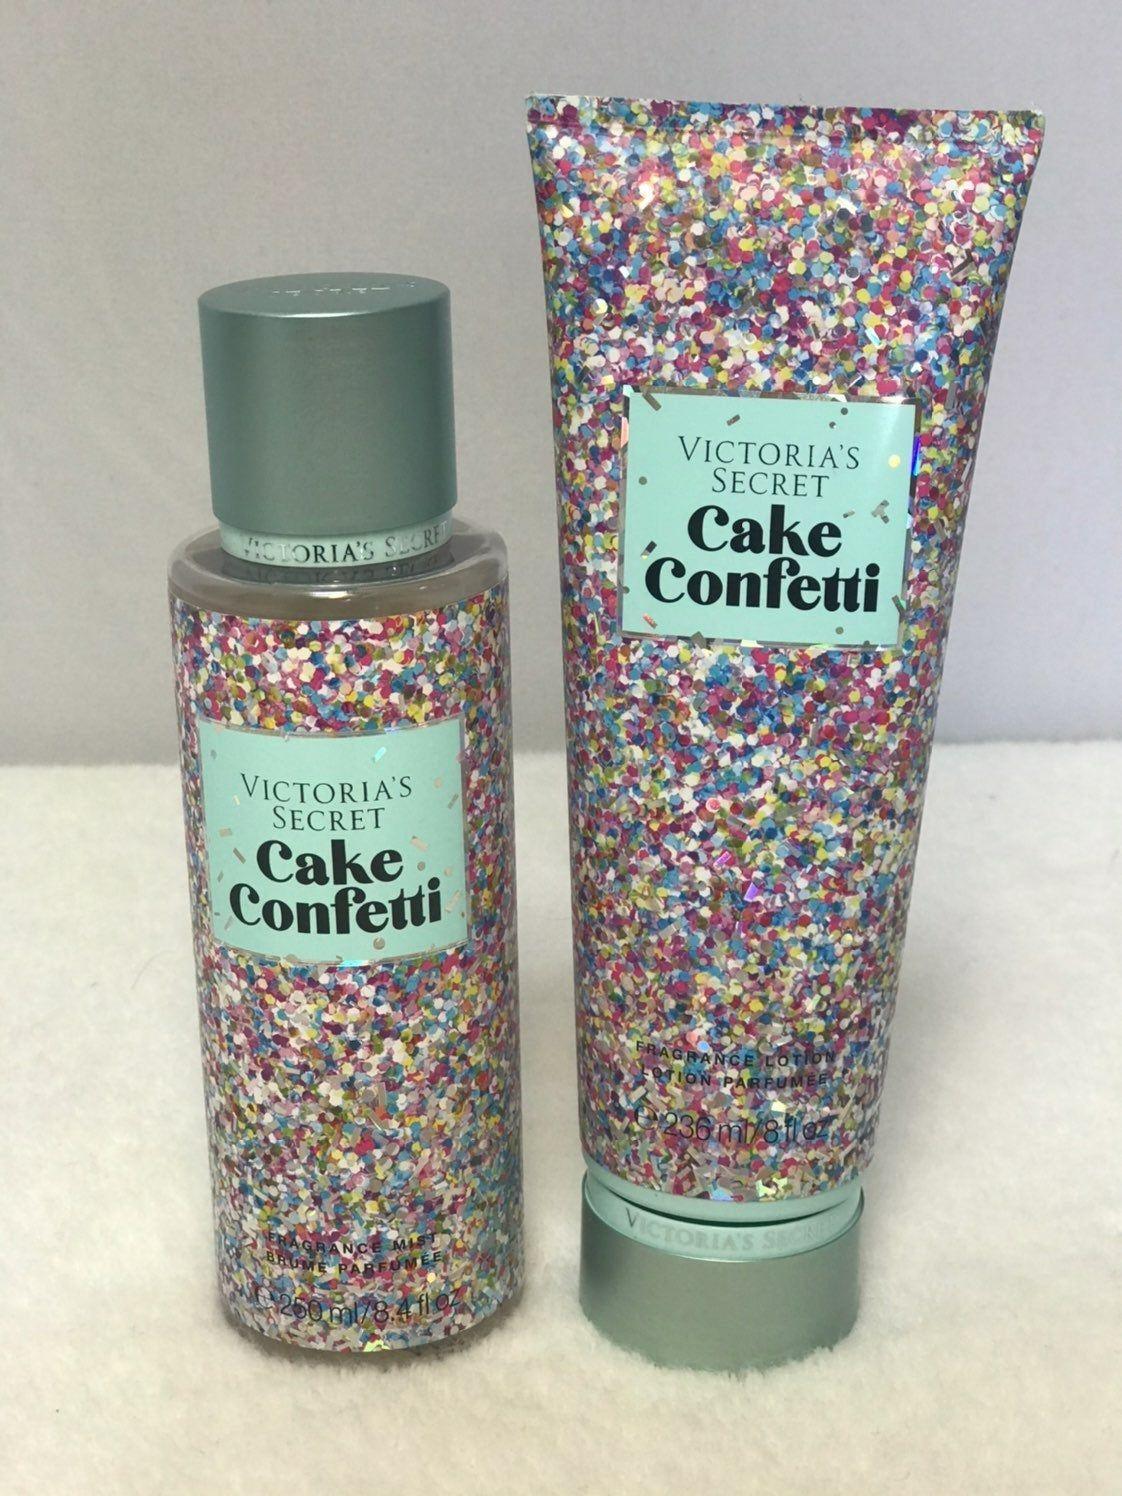 Victoria S Secret Cake Confetti Mist Lotion 2 Pcs Set Lotion 236ml 8 Fl Oz Mist Victoria S Secret Perfume Victoria Secret Perfume Victoria Secret Cake